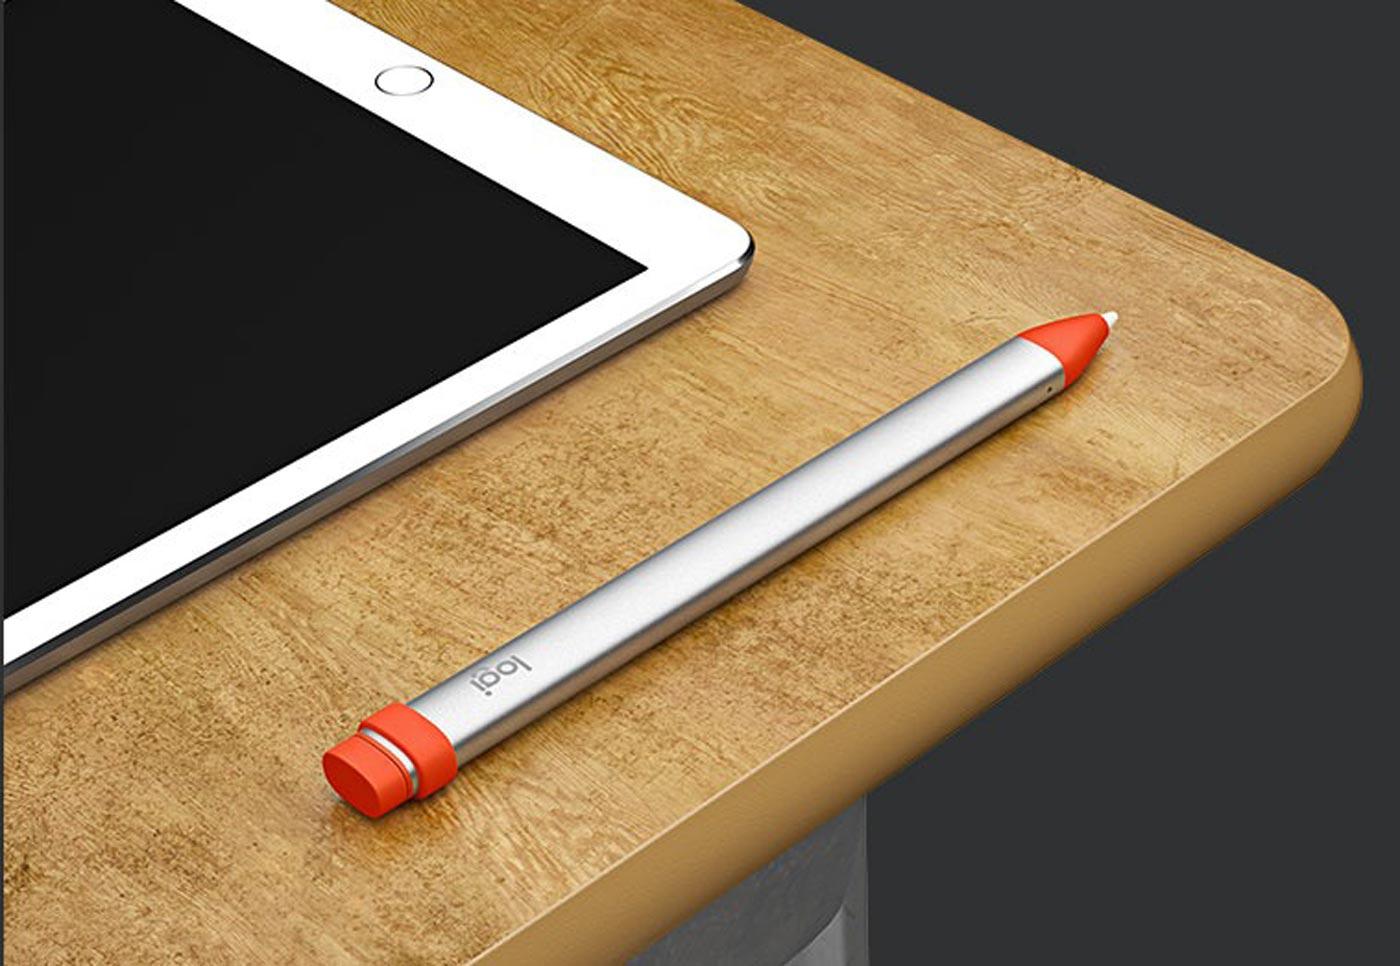 Le Crayon de Logitech plus convaincant que l'Apple Pencil ?